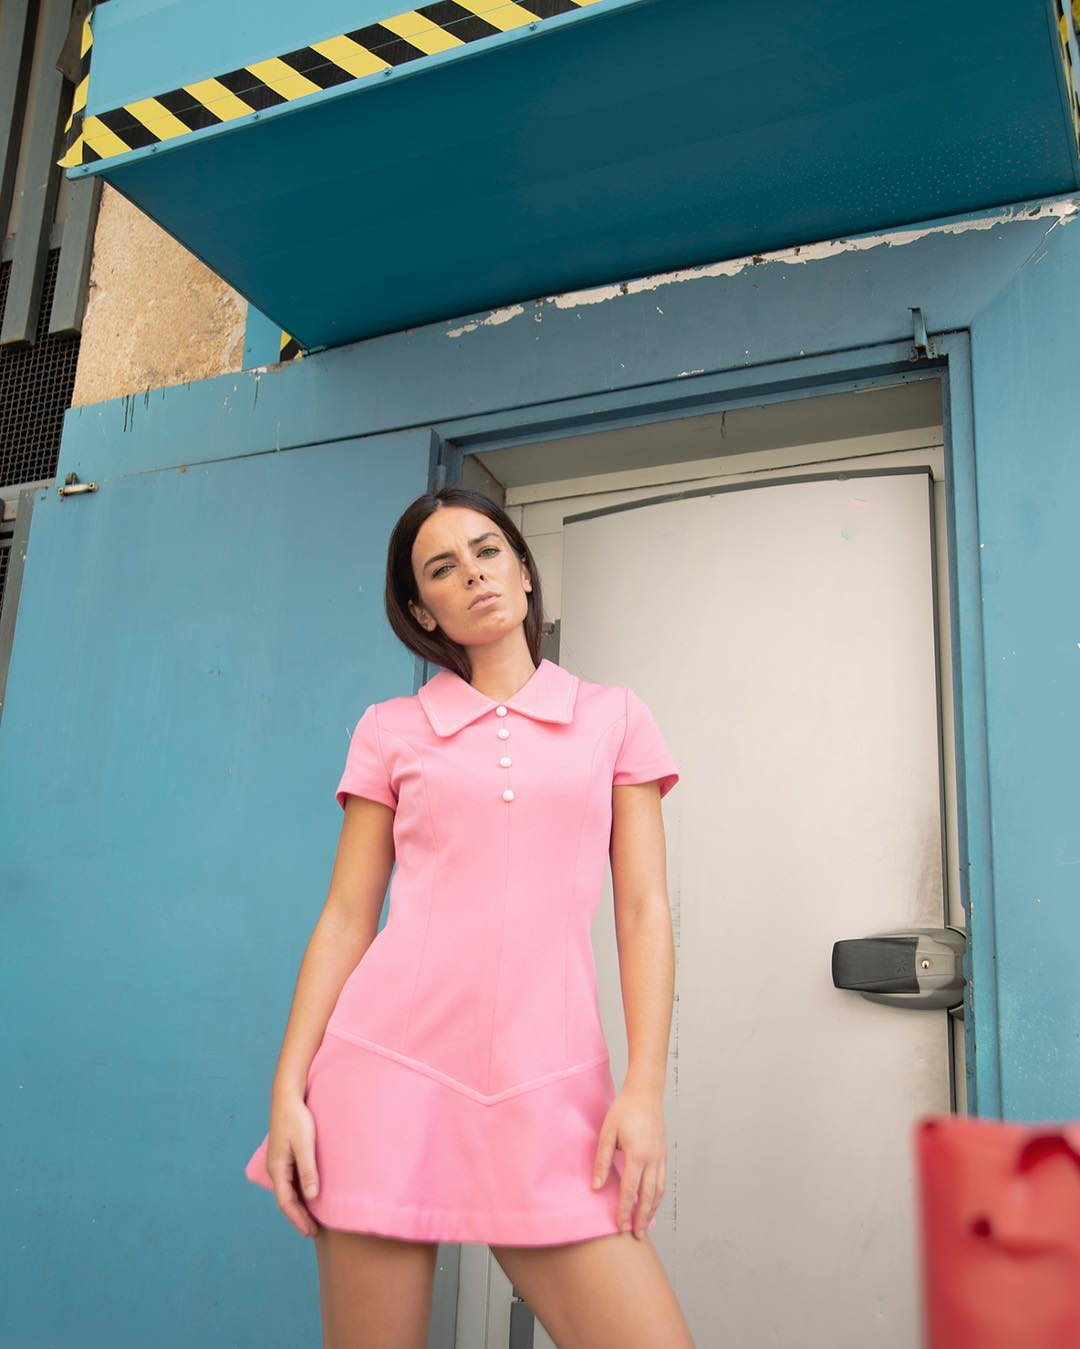 Modelo de Magpie (tienda de ropa vintage en Madrid) con vestido rosa